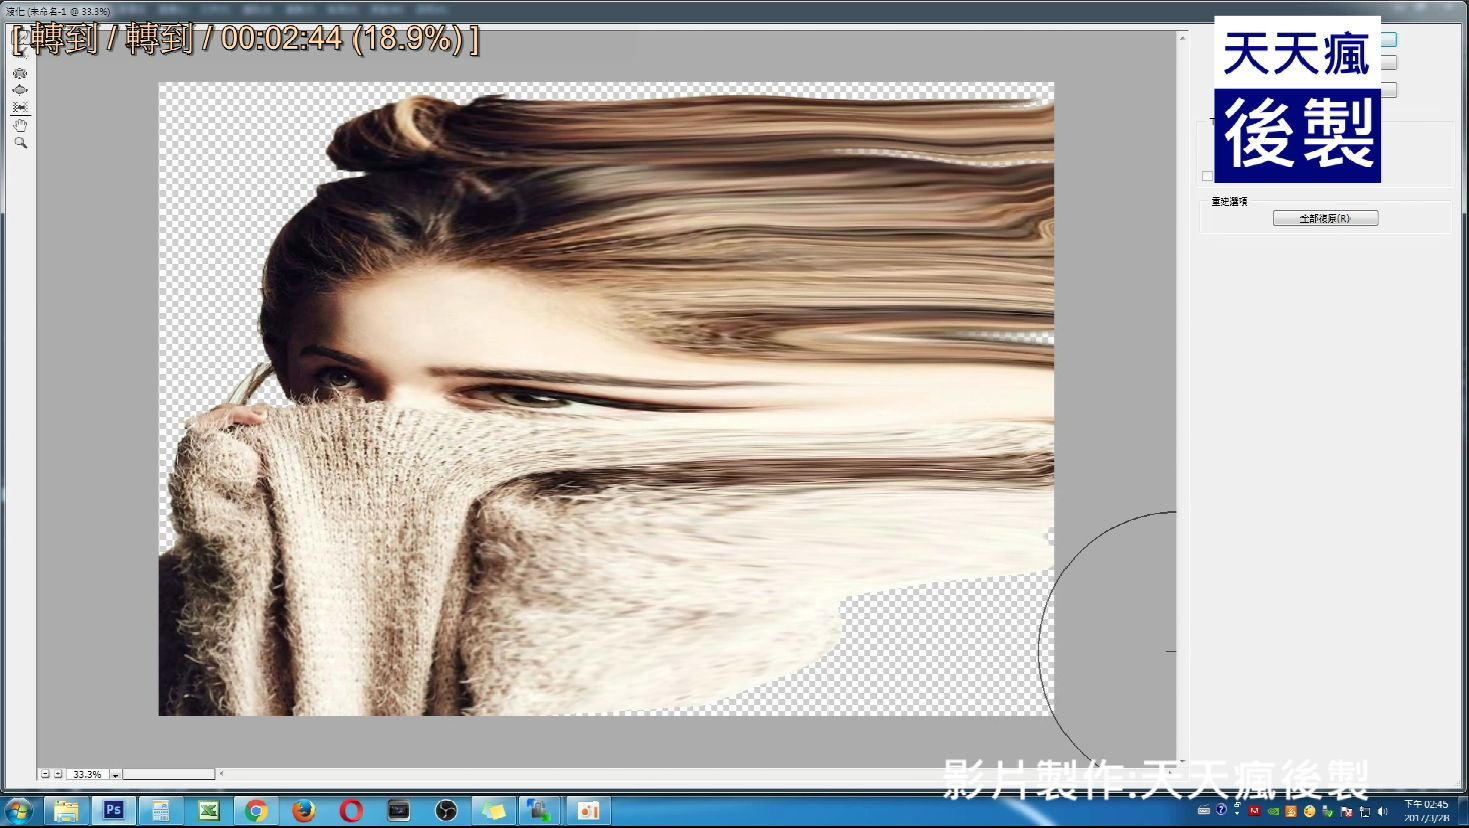 【粒子后制】最强Photoshop 粒子破碎后制教学